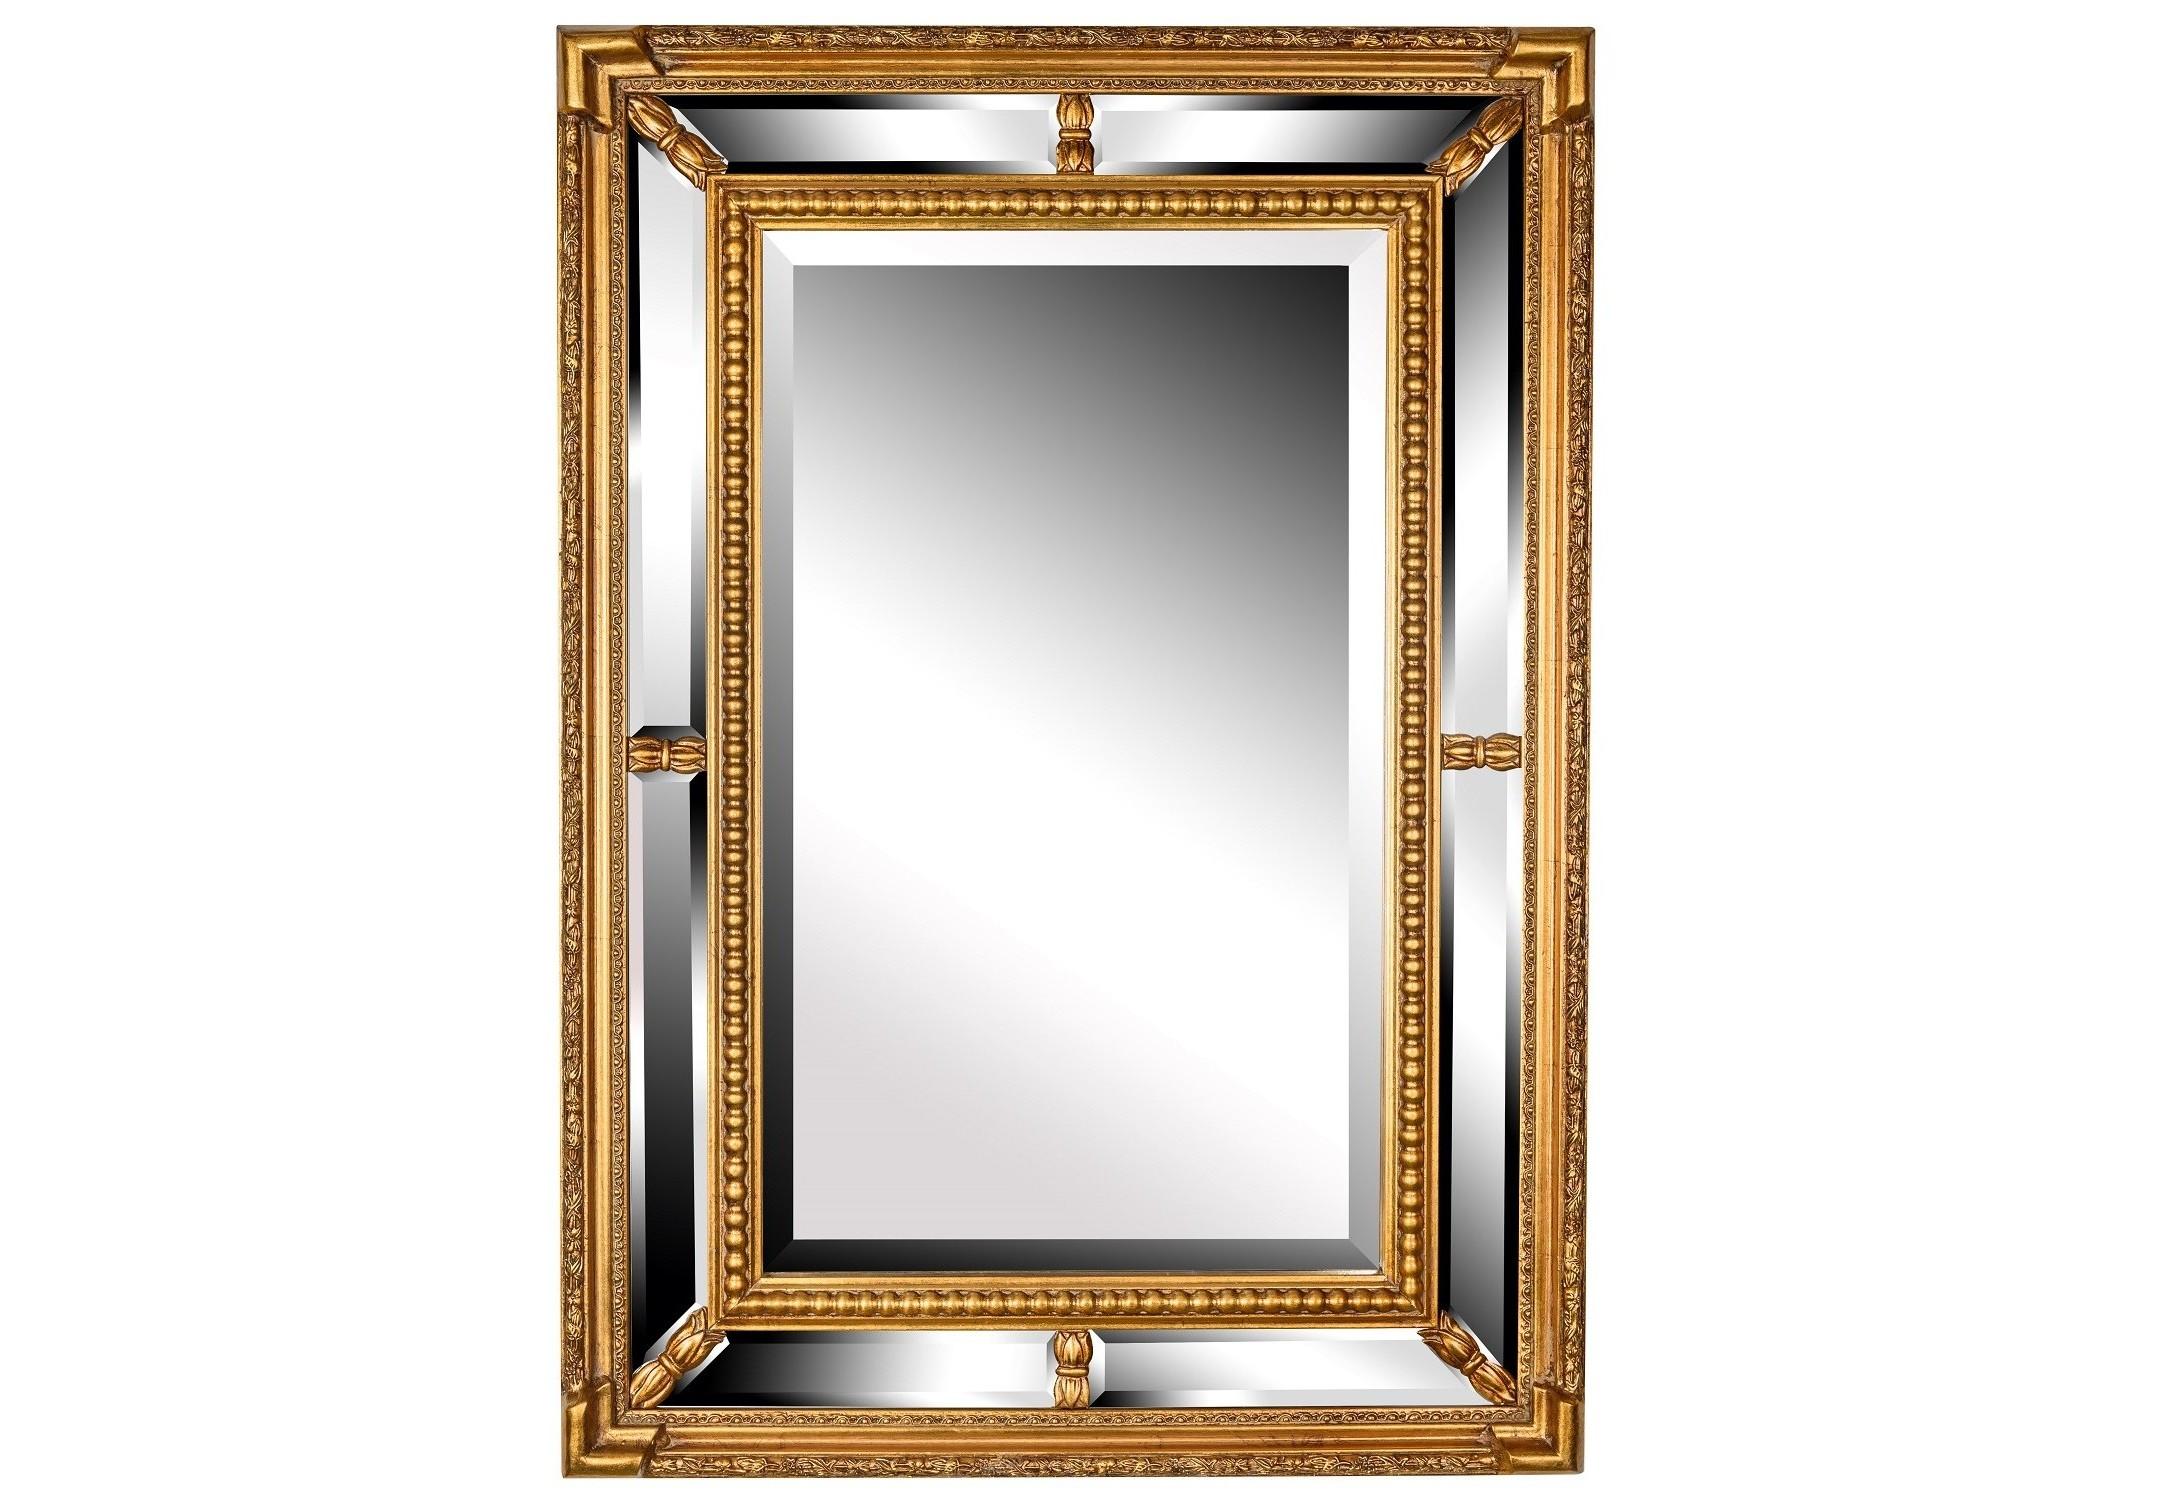 Зеркало Albert GoldНастенные зеркала<br><br><br>Material: Полирезин<br>Width см: 61<br>Depth см: 4<br>Height см: 86